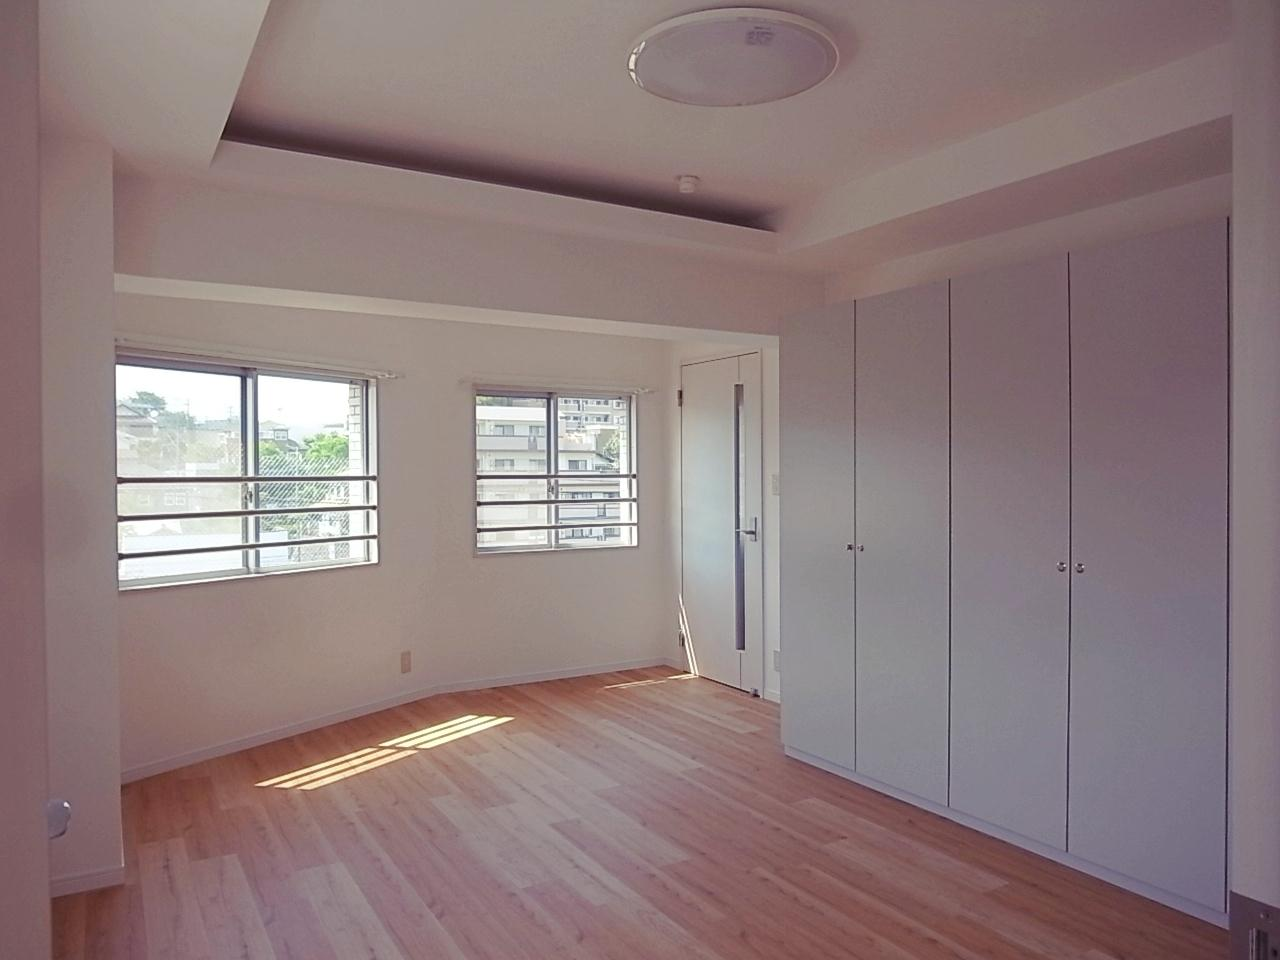 洋室も広くて、収納力も高いクローゼット。